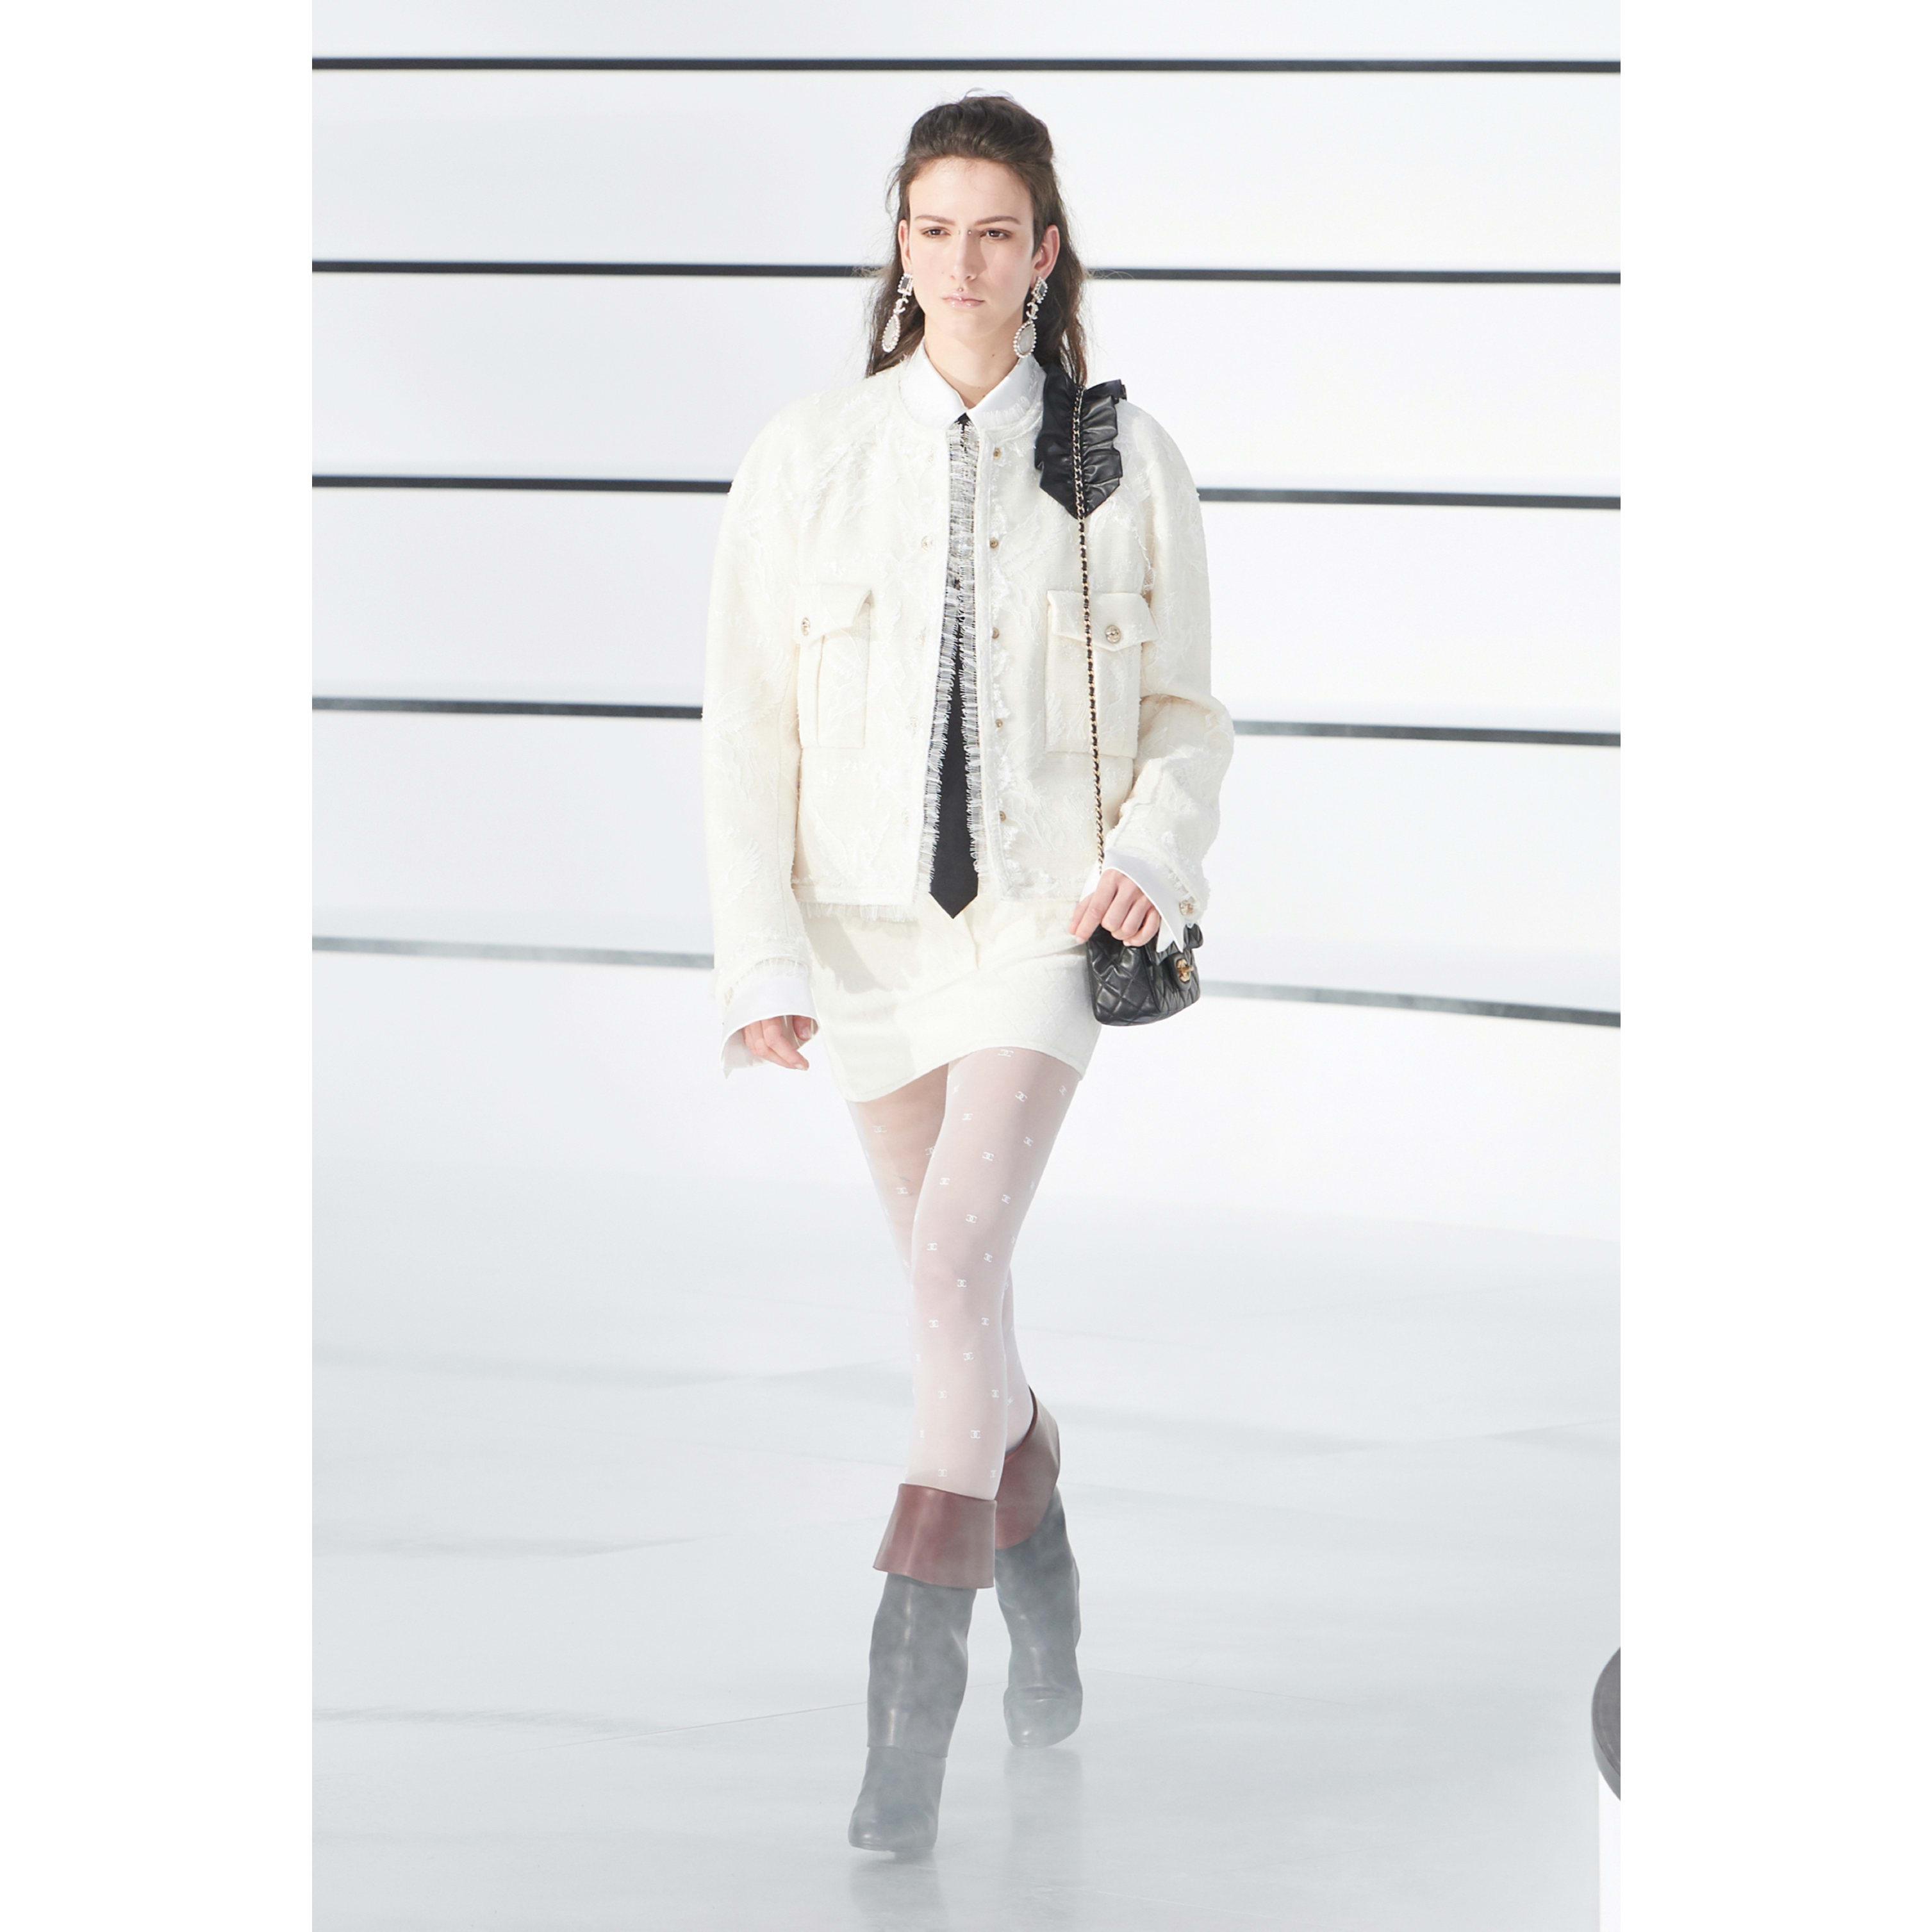 เสื้อแจ็คเก็ต - สีขาว - ผ้าลูกไม้ - CHANEL - มุมมองปัจจุบัน - ดูเวอร์ชันขนาดมาตรฐาน